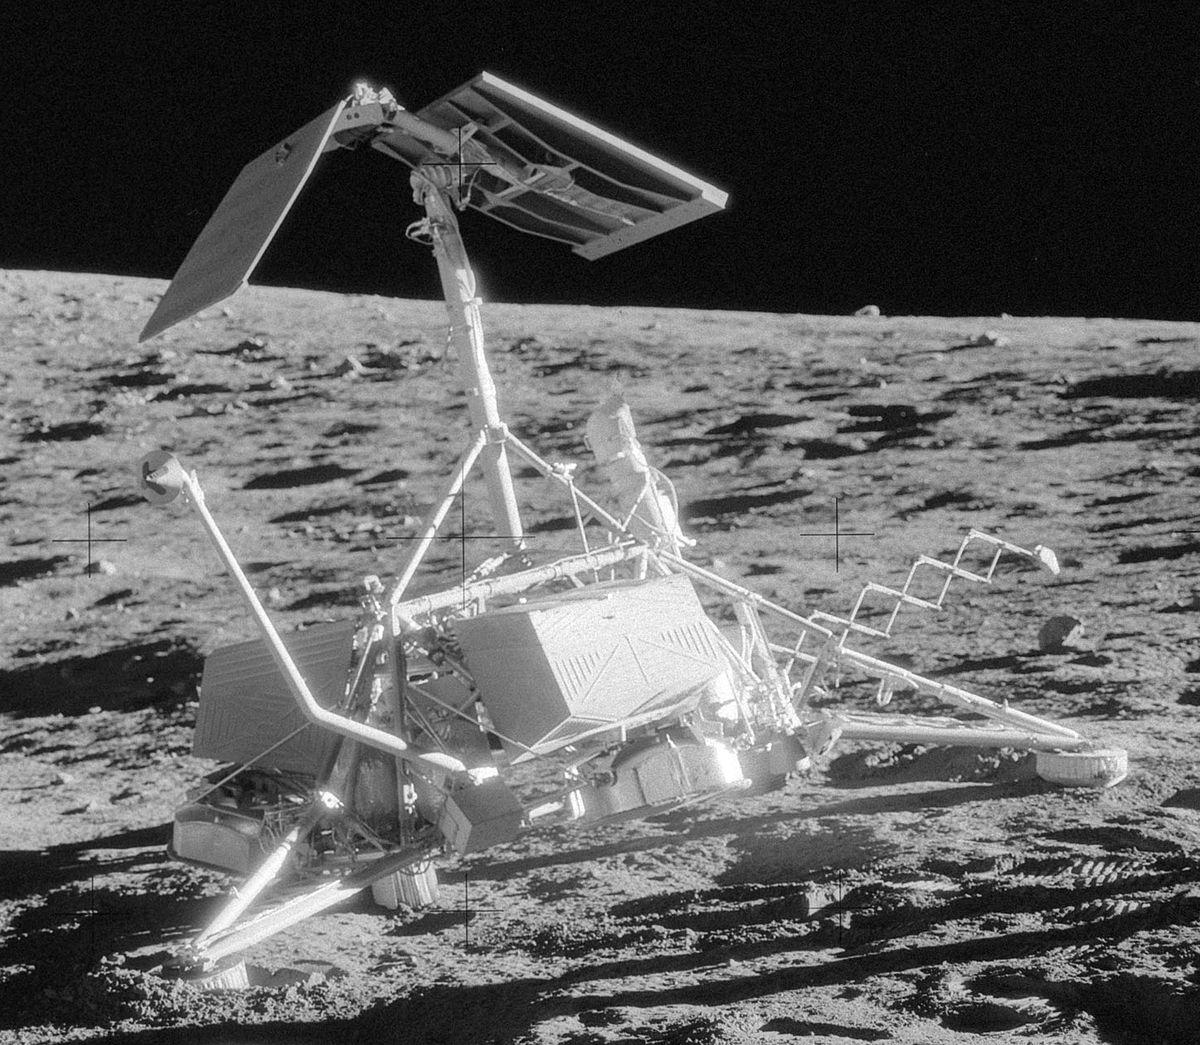 Historický kalendár: Najvyššia nameraná teplota na svete či prvé umelé teleso na Mesiaci. Čím je slávny 13. september?